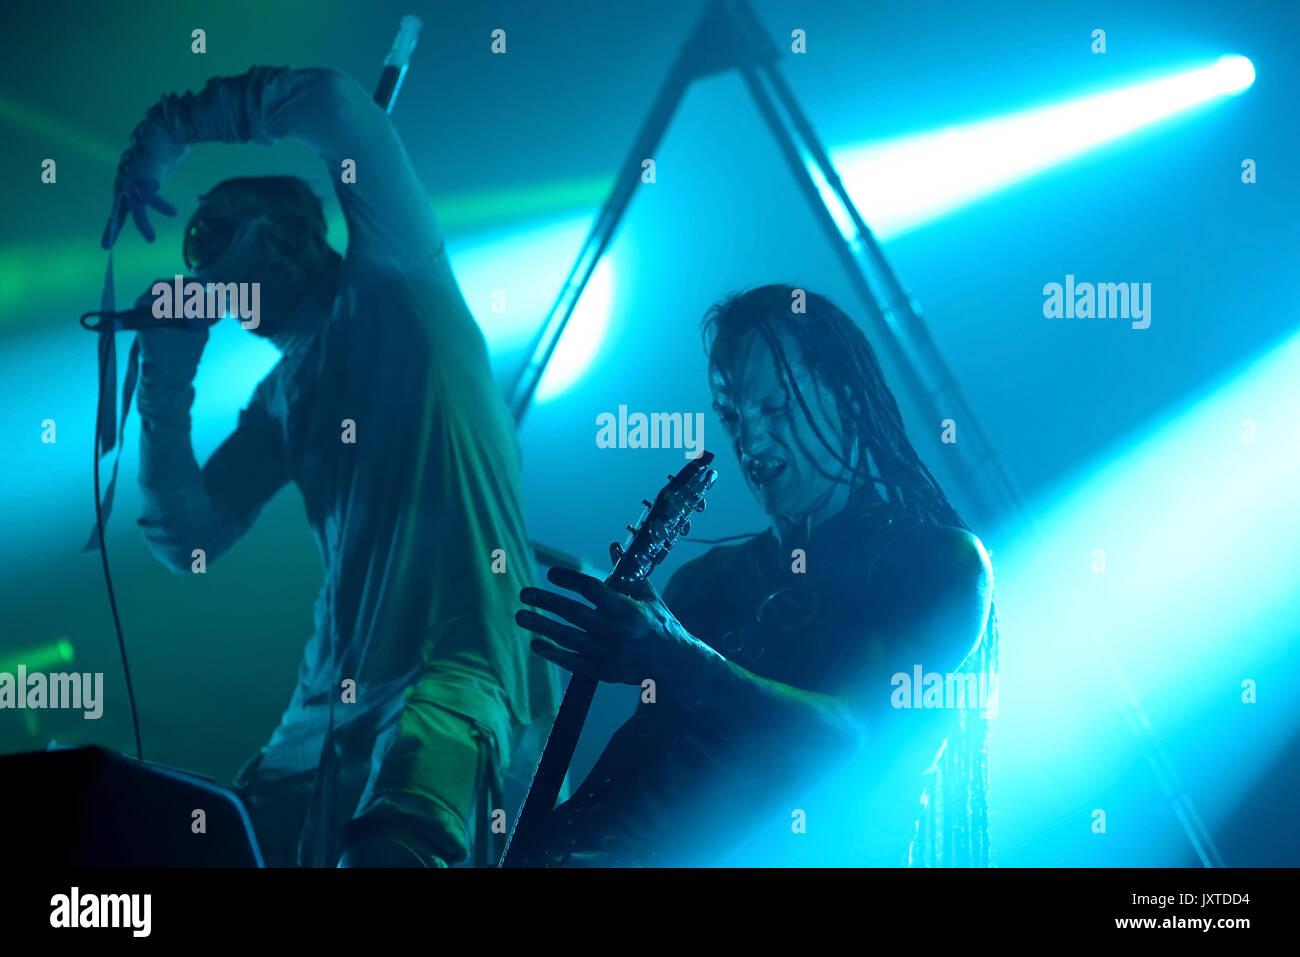 BARCELONA-JUN 1: Skinny Puppy (industrial Musik Band) im Konzert an Primavera Sound Festival 2017 durchführen und am 1. Juni 2017 in Barcelona, Spanien. Stockbild